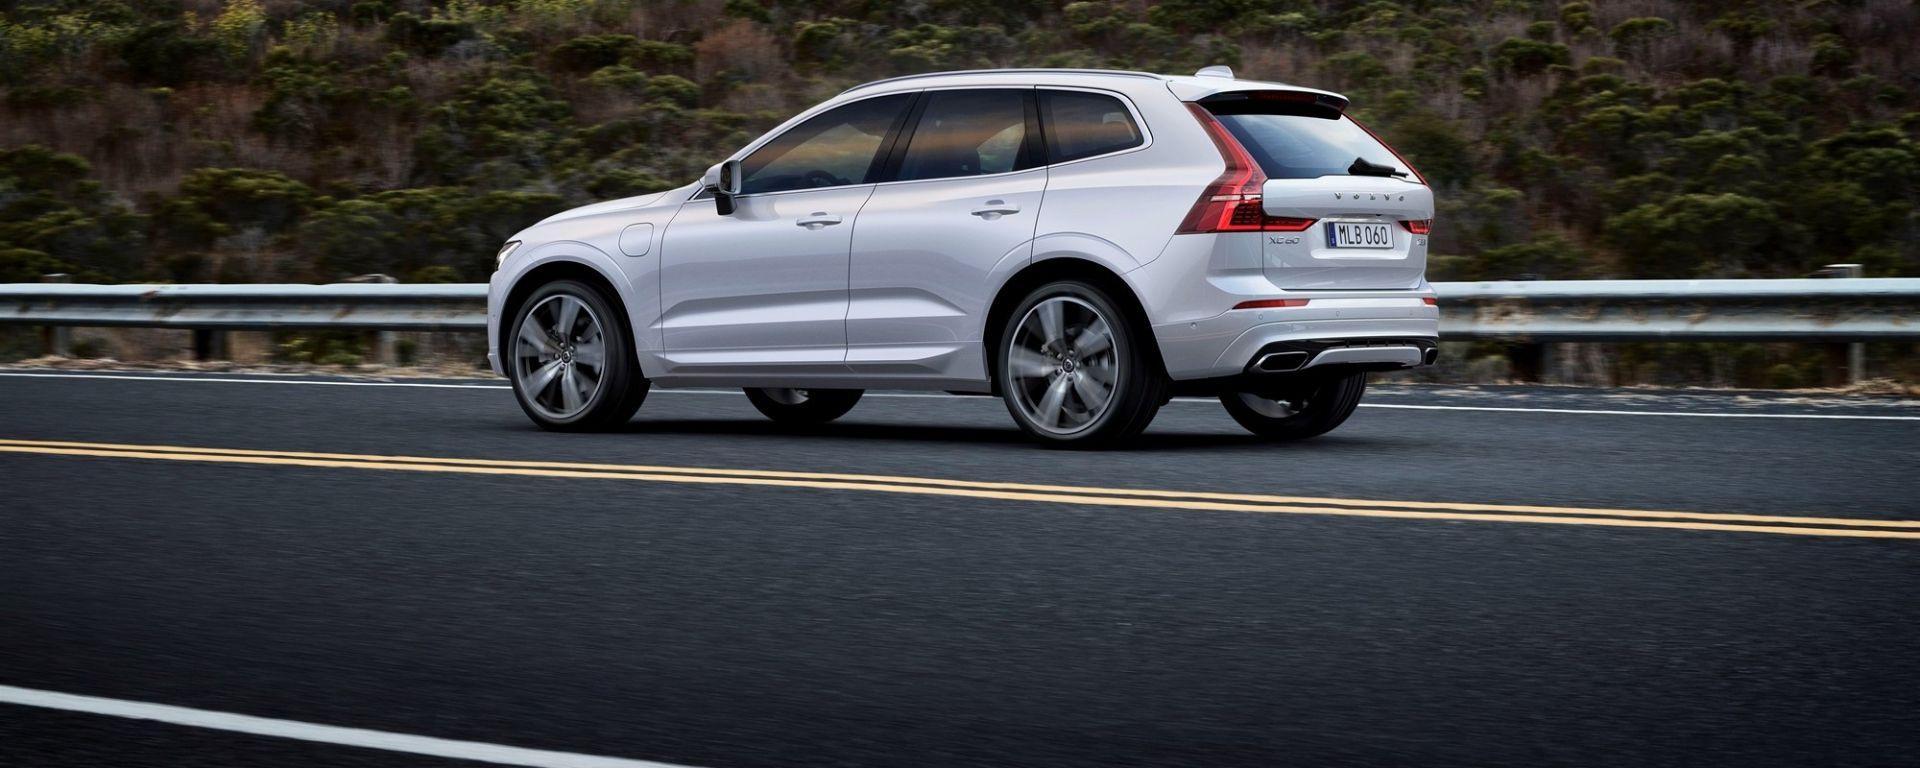 Volvo XC60: al Salone di Ginevra debutta la seconda generazione